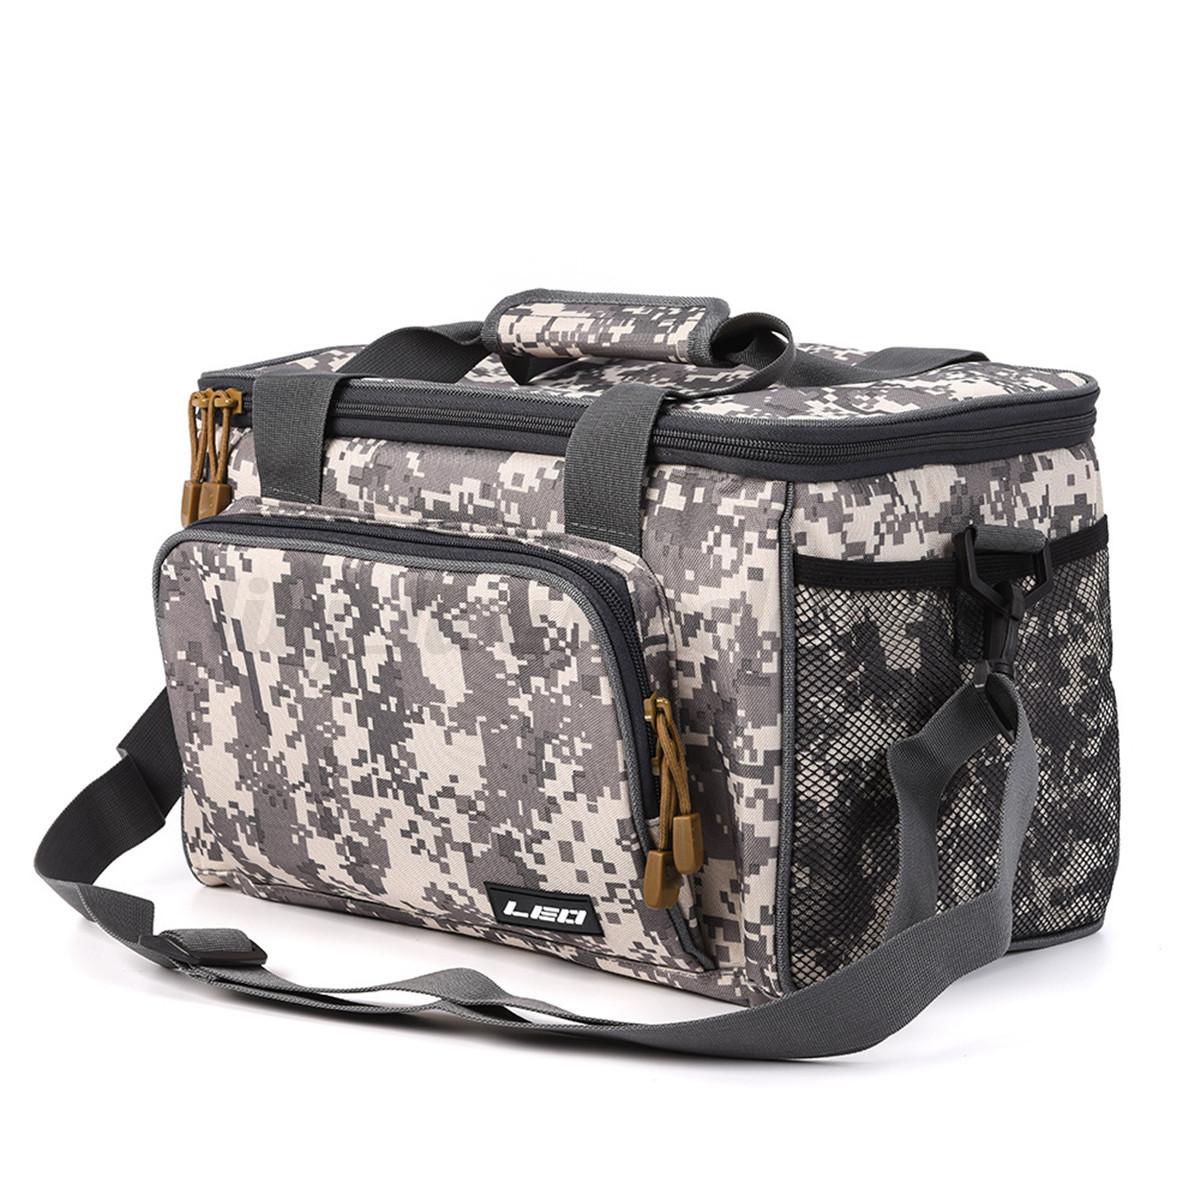 Indexbild 14 - Grossen-Angelgeraet-Tasche-Pack-Taille-Schulterrolle-Getriebe-Lagerung-Handtasche